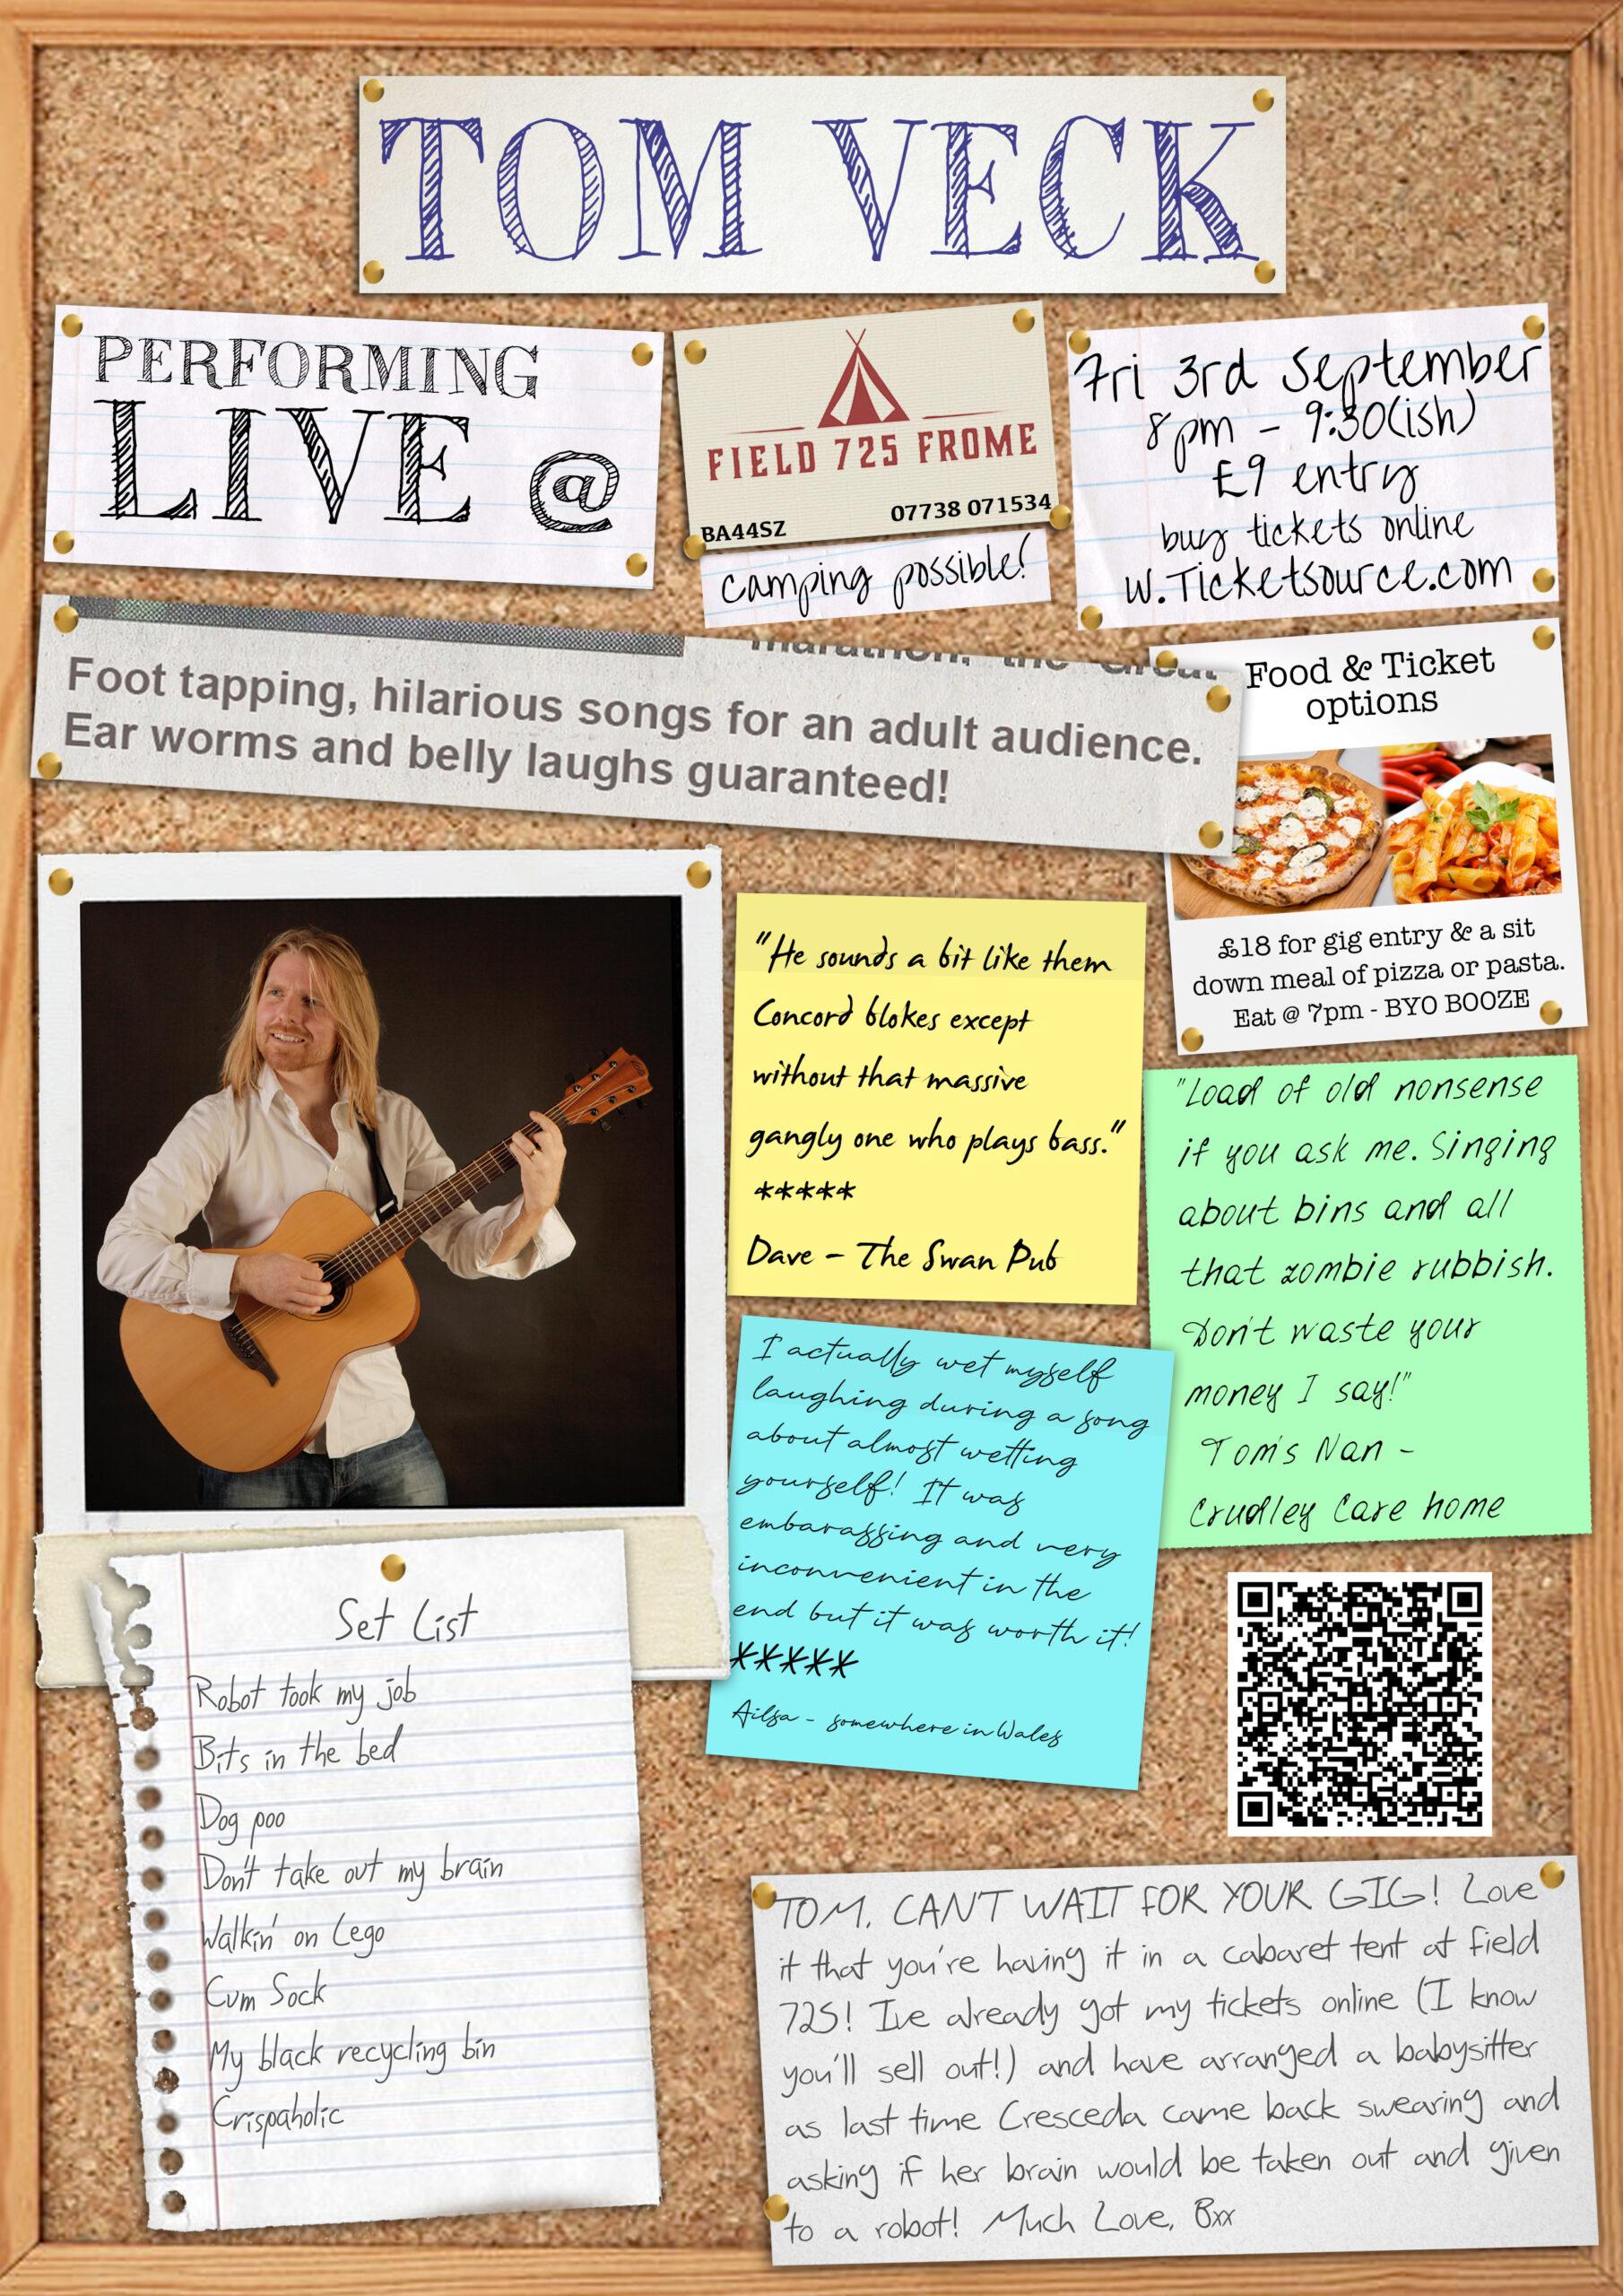 Poster for Tom Veck music gig on 3rd September 2021